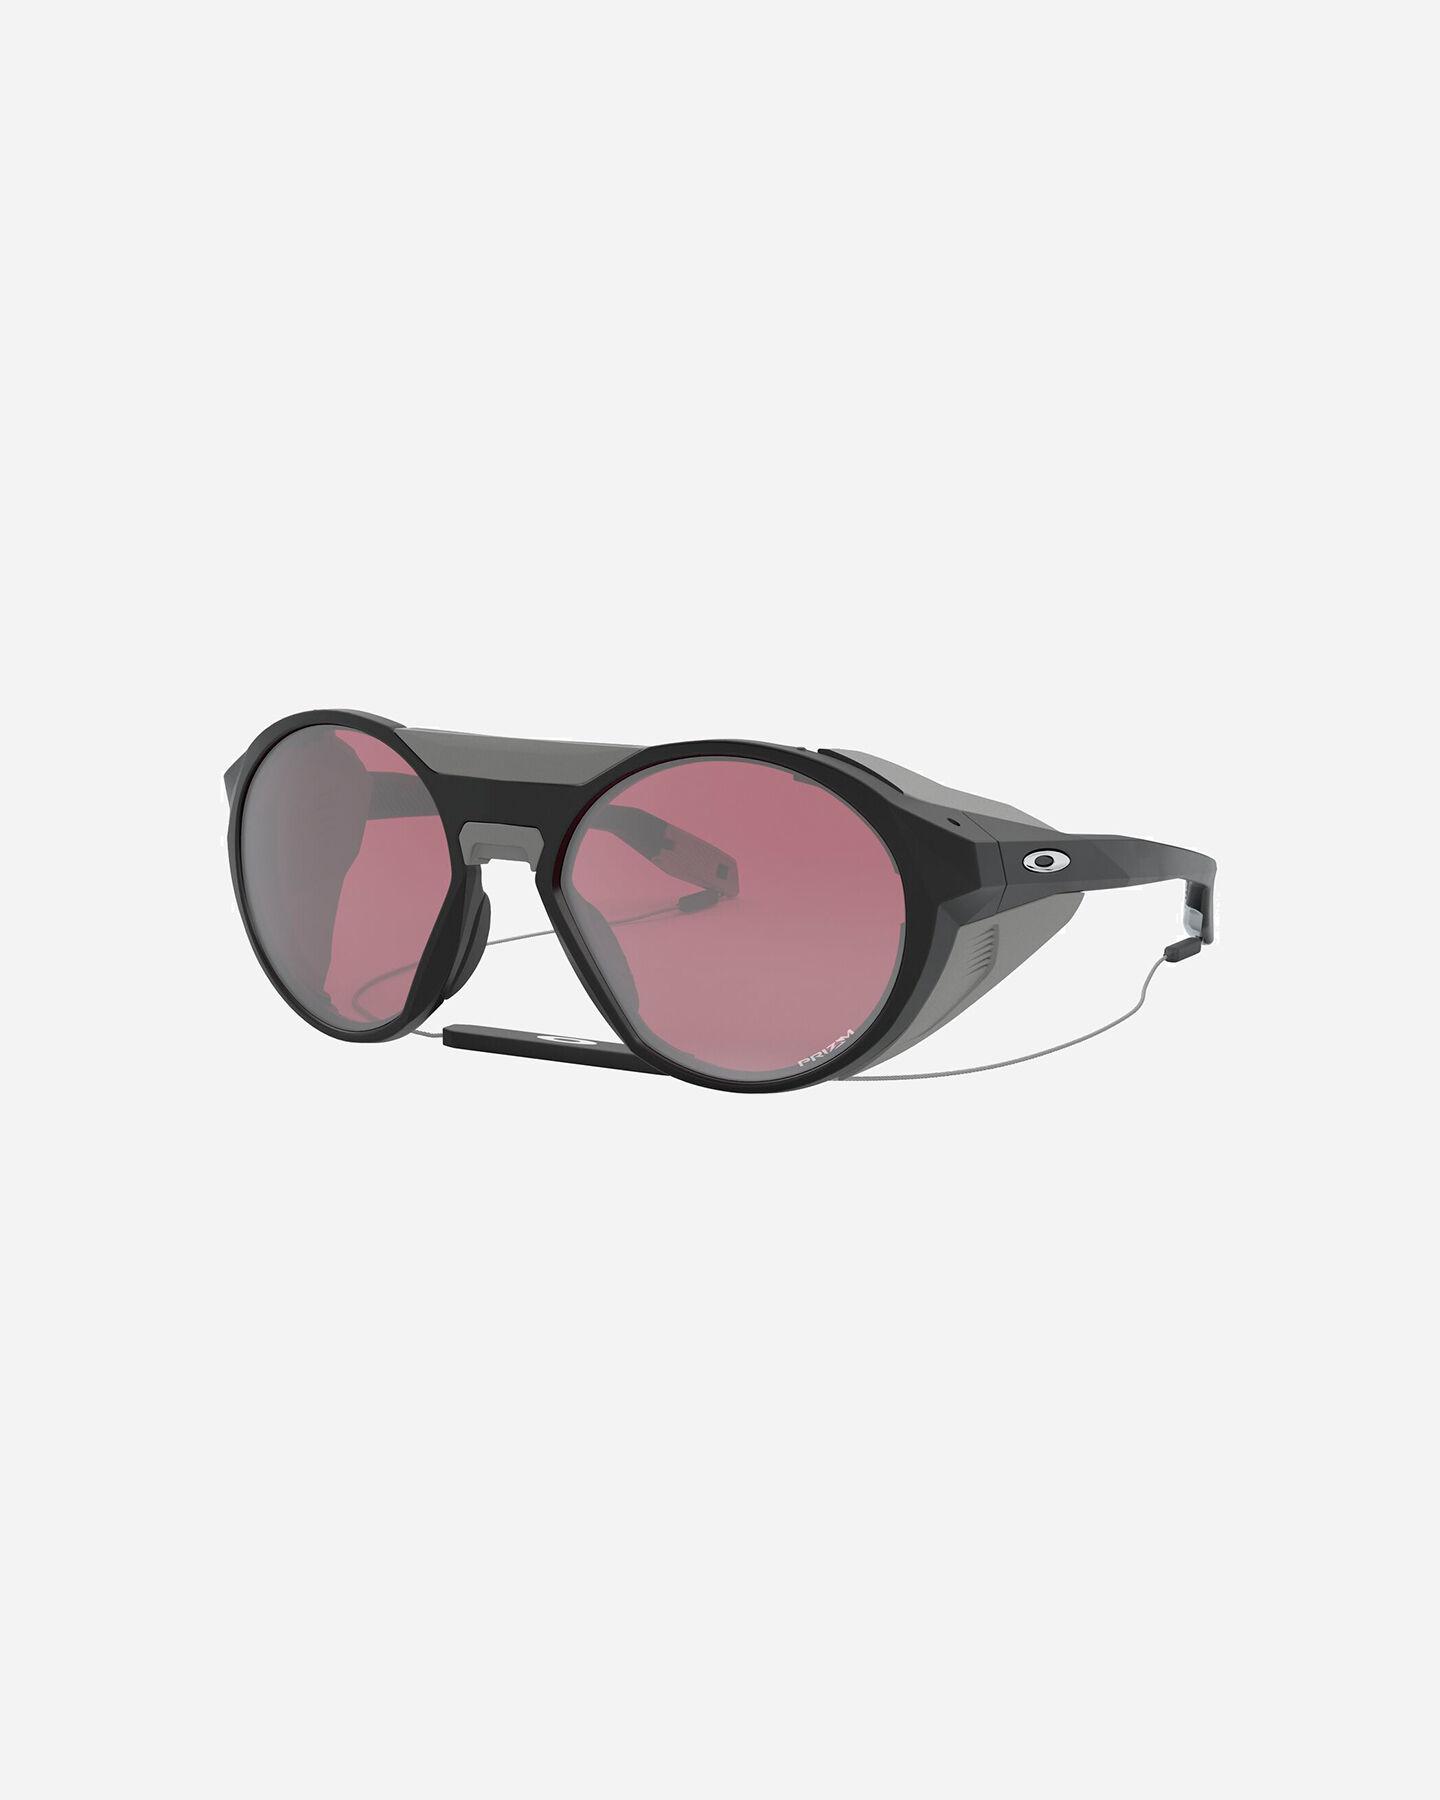 Occhiali OAKLEY CLIFDEN S5221232|0156|56 scatto 0